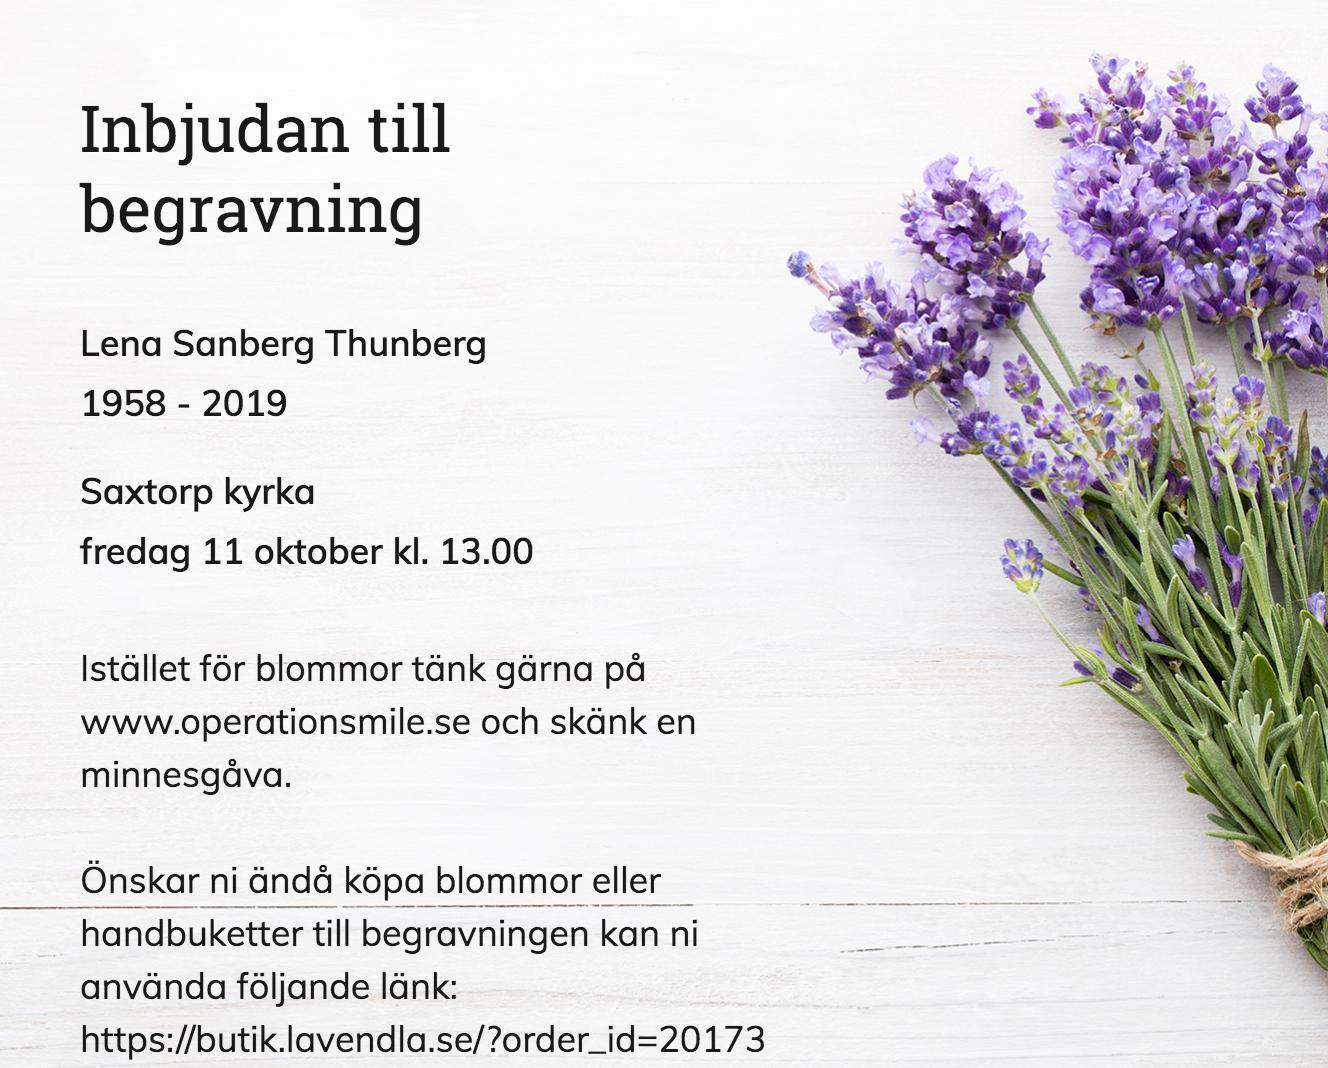 Inbjudningskort till ceremonin för Lena Sanberg Thunberg